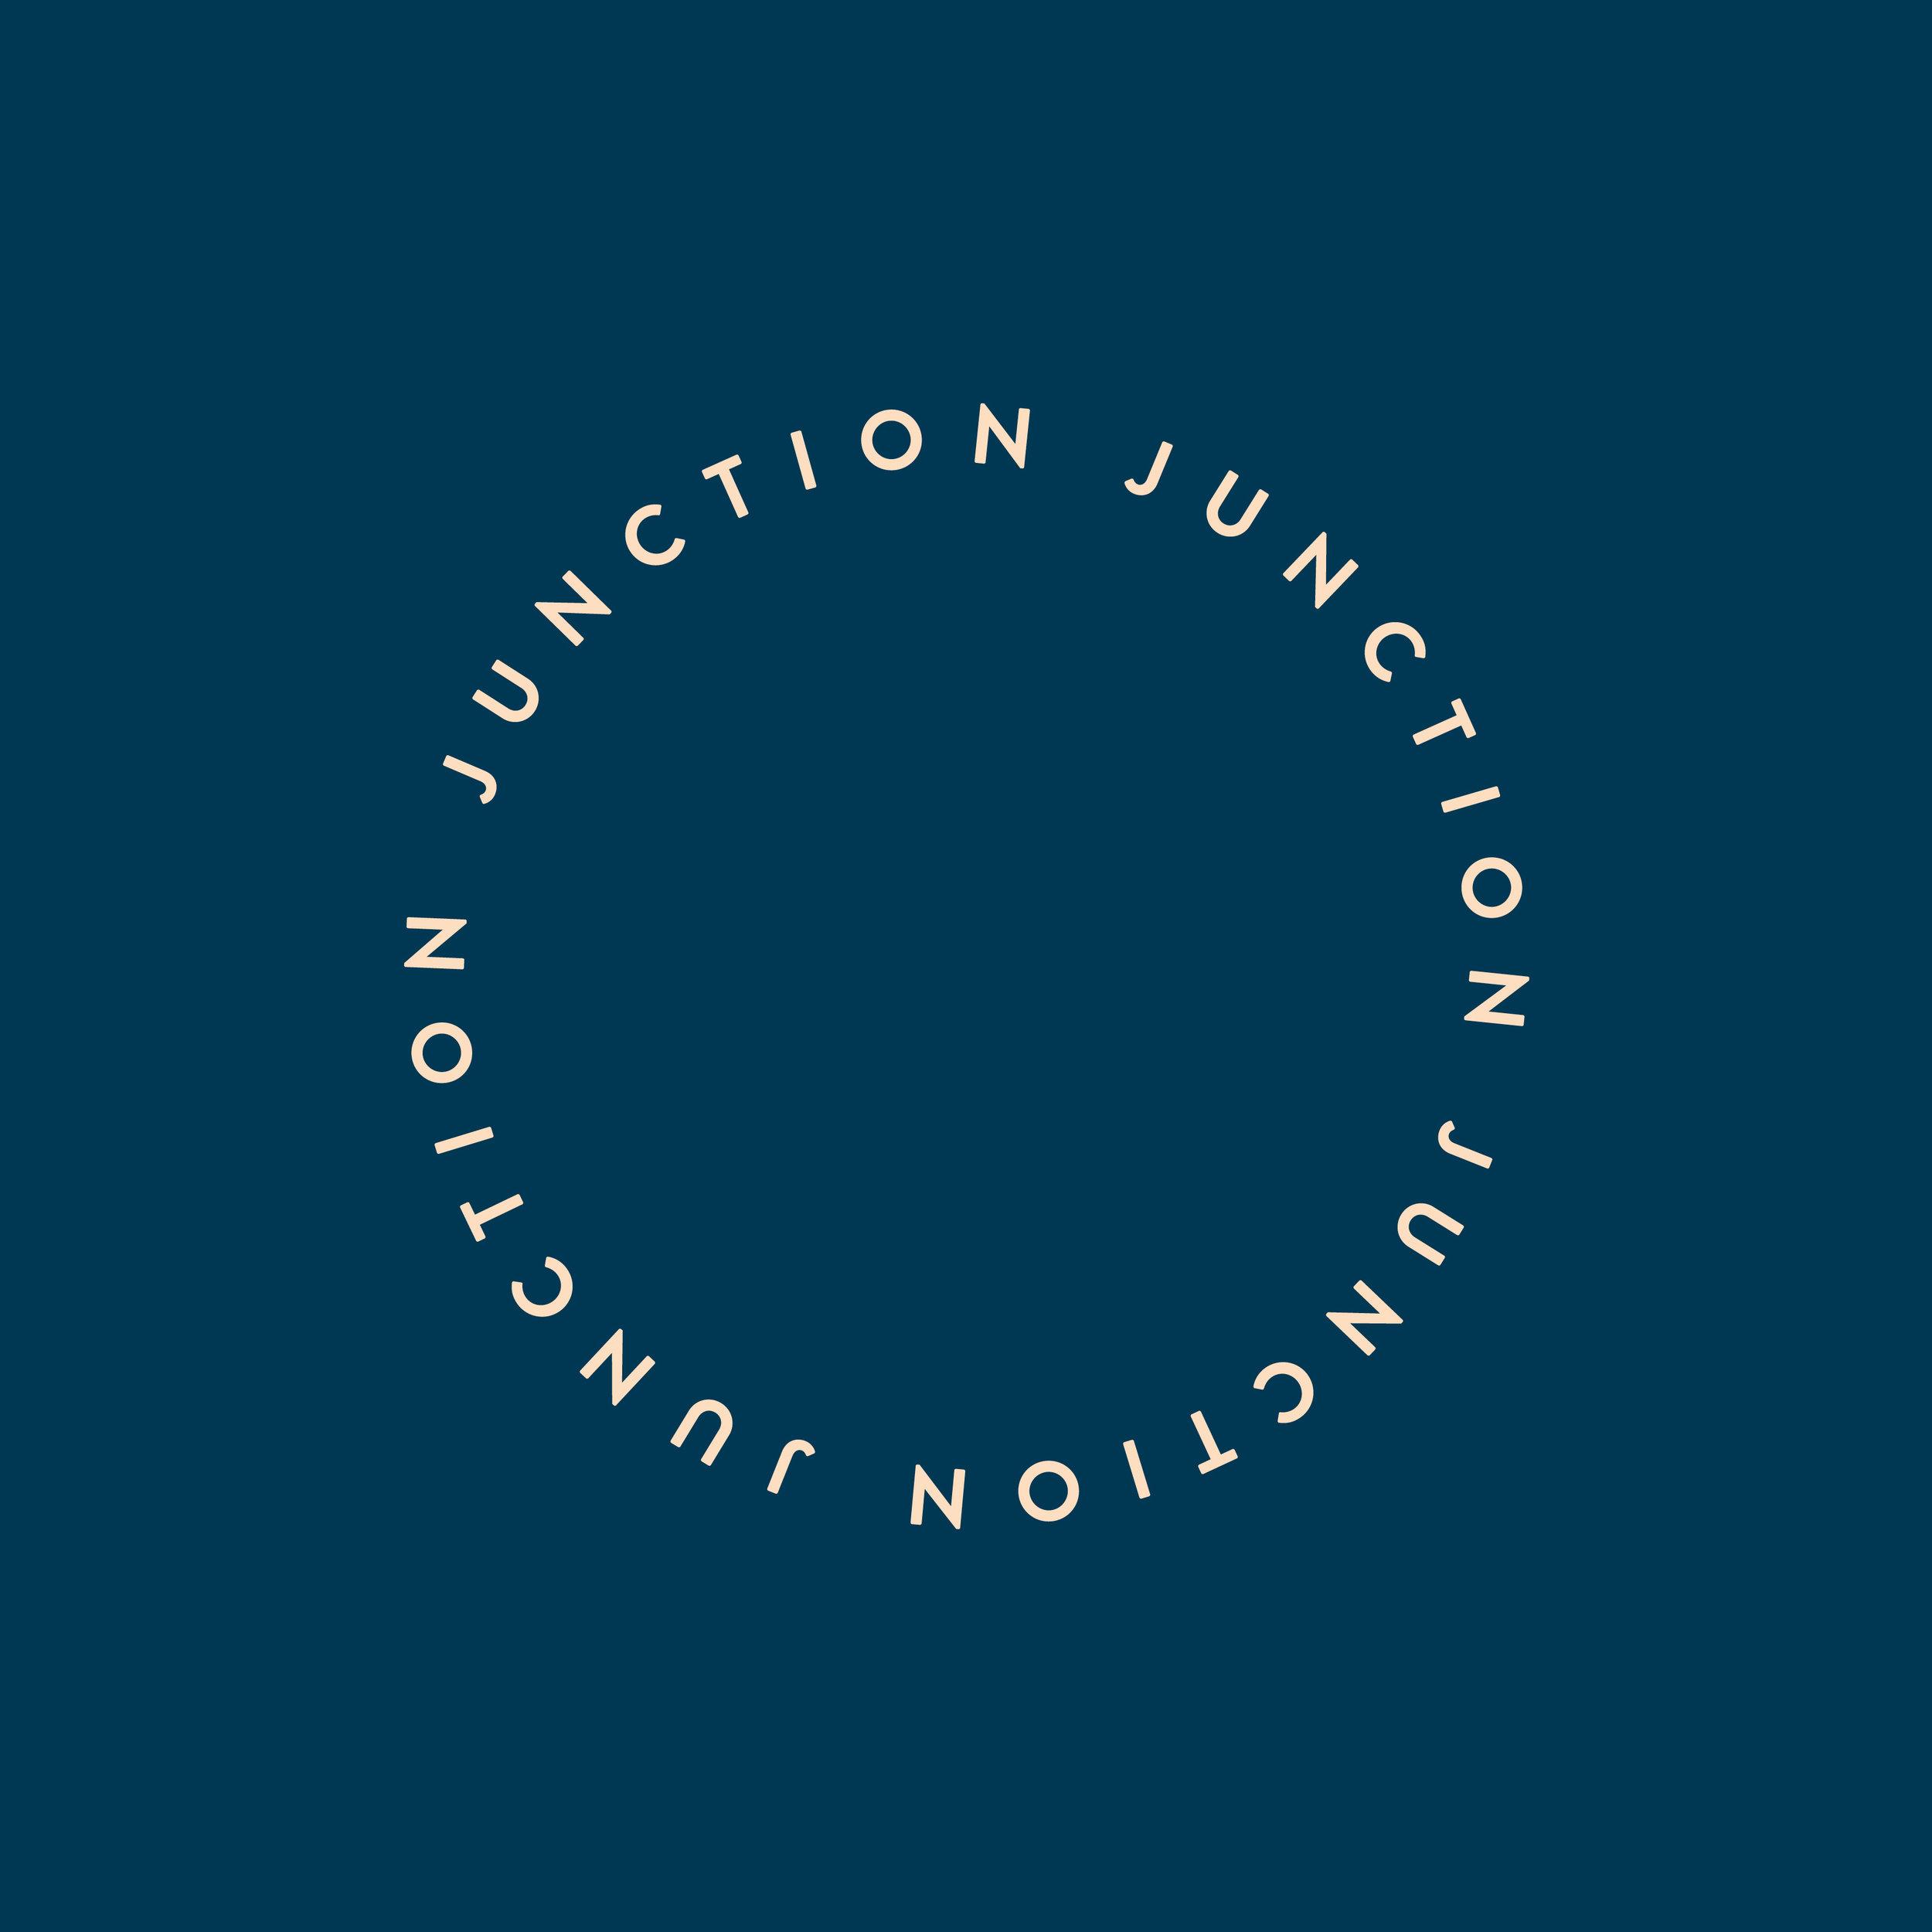 Junction square8.jpg